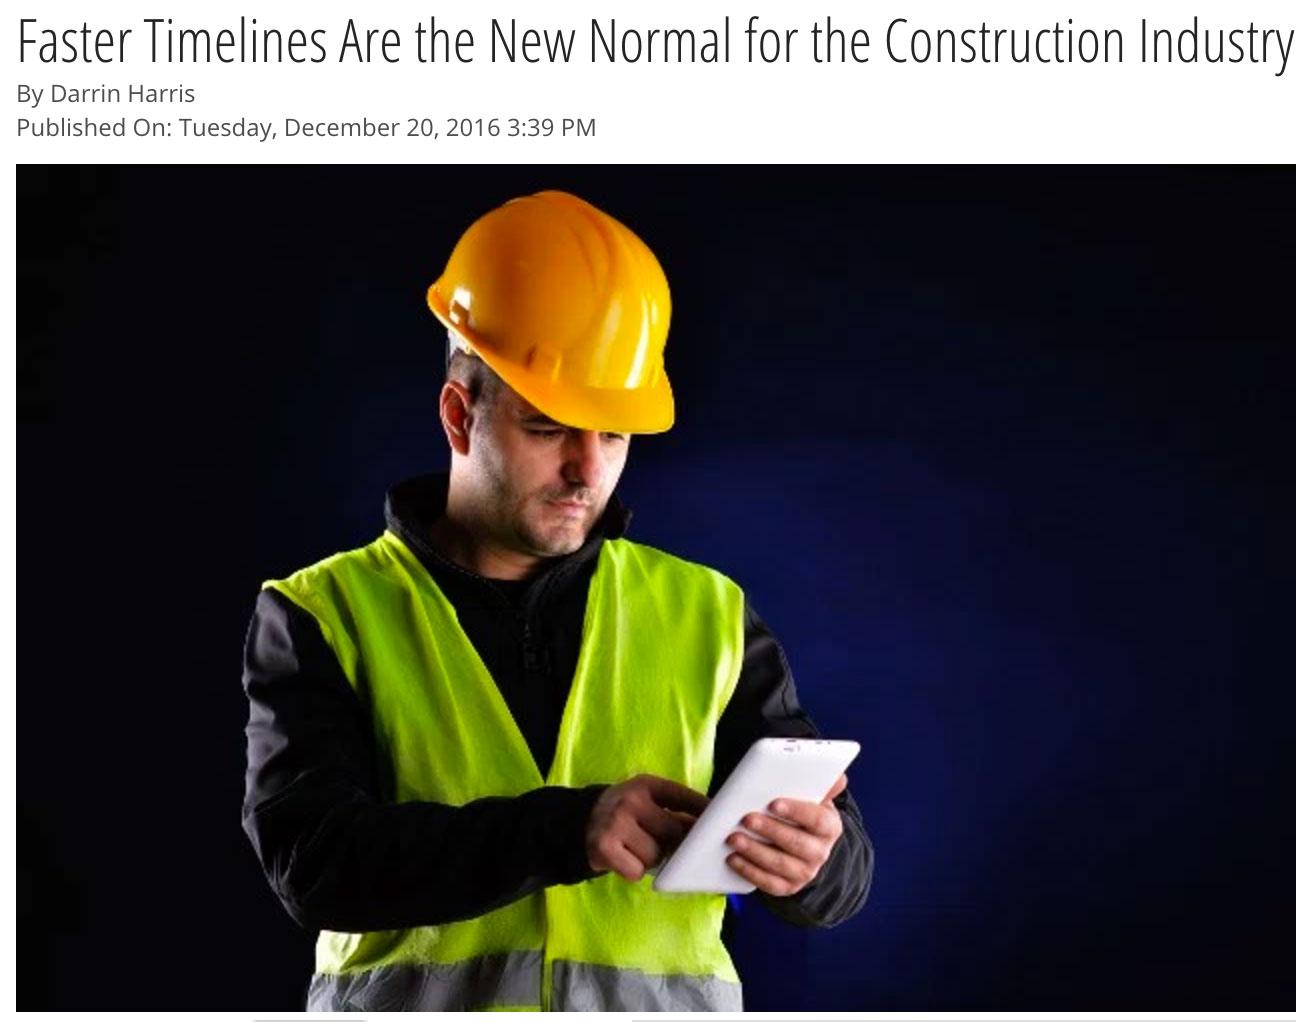 faster-timelines